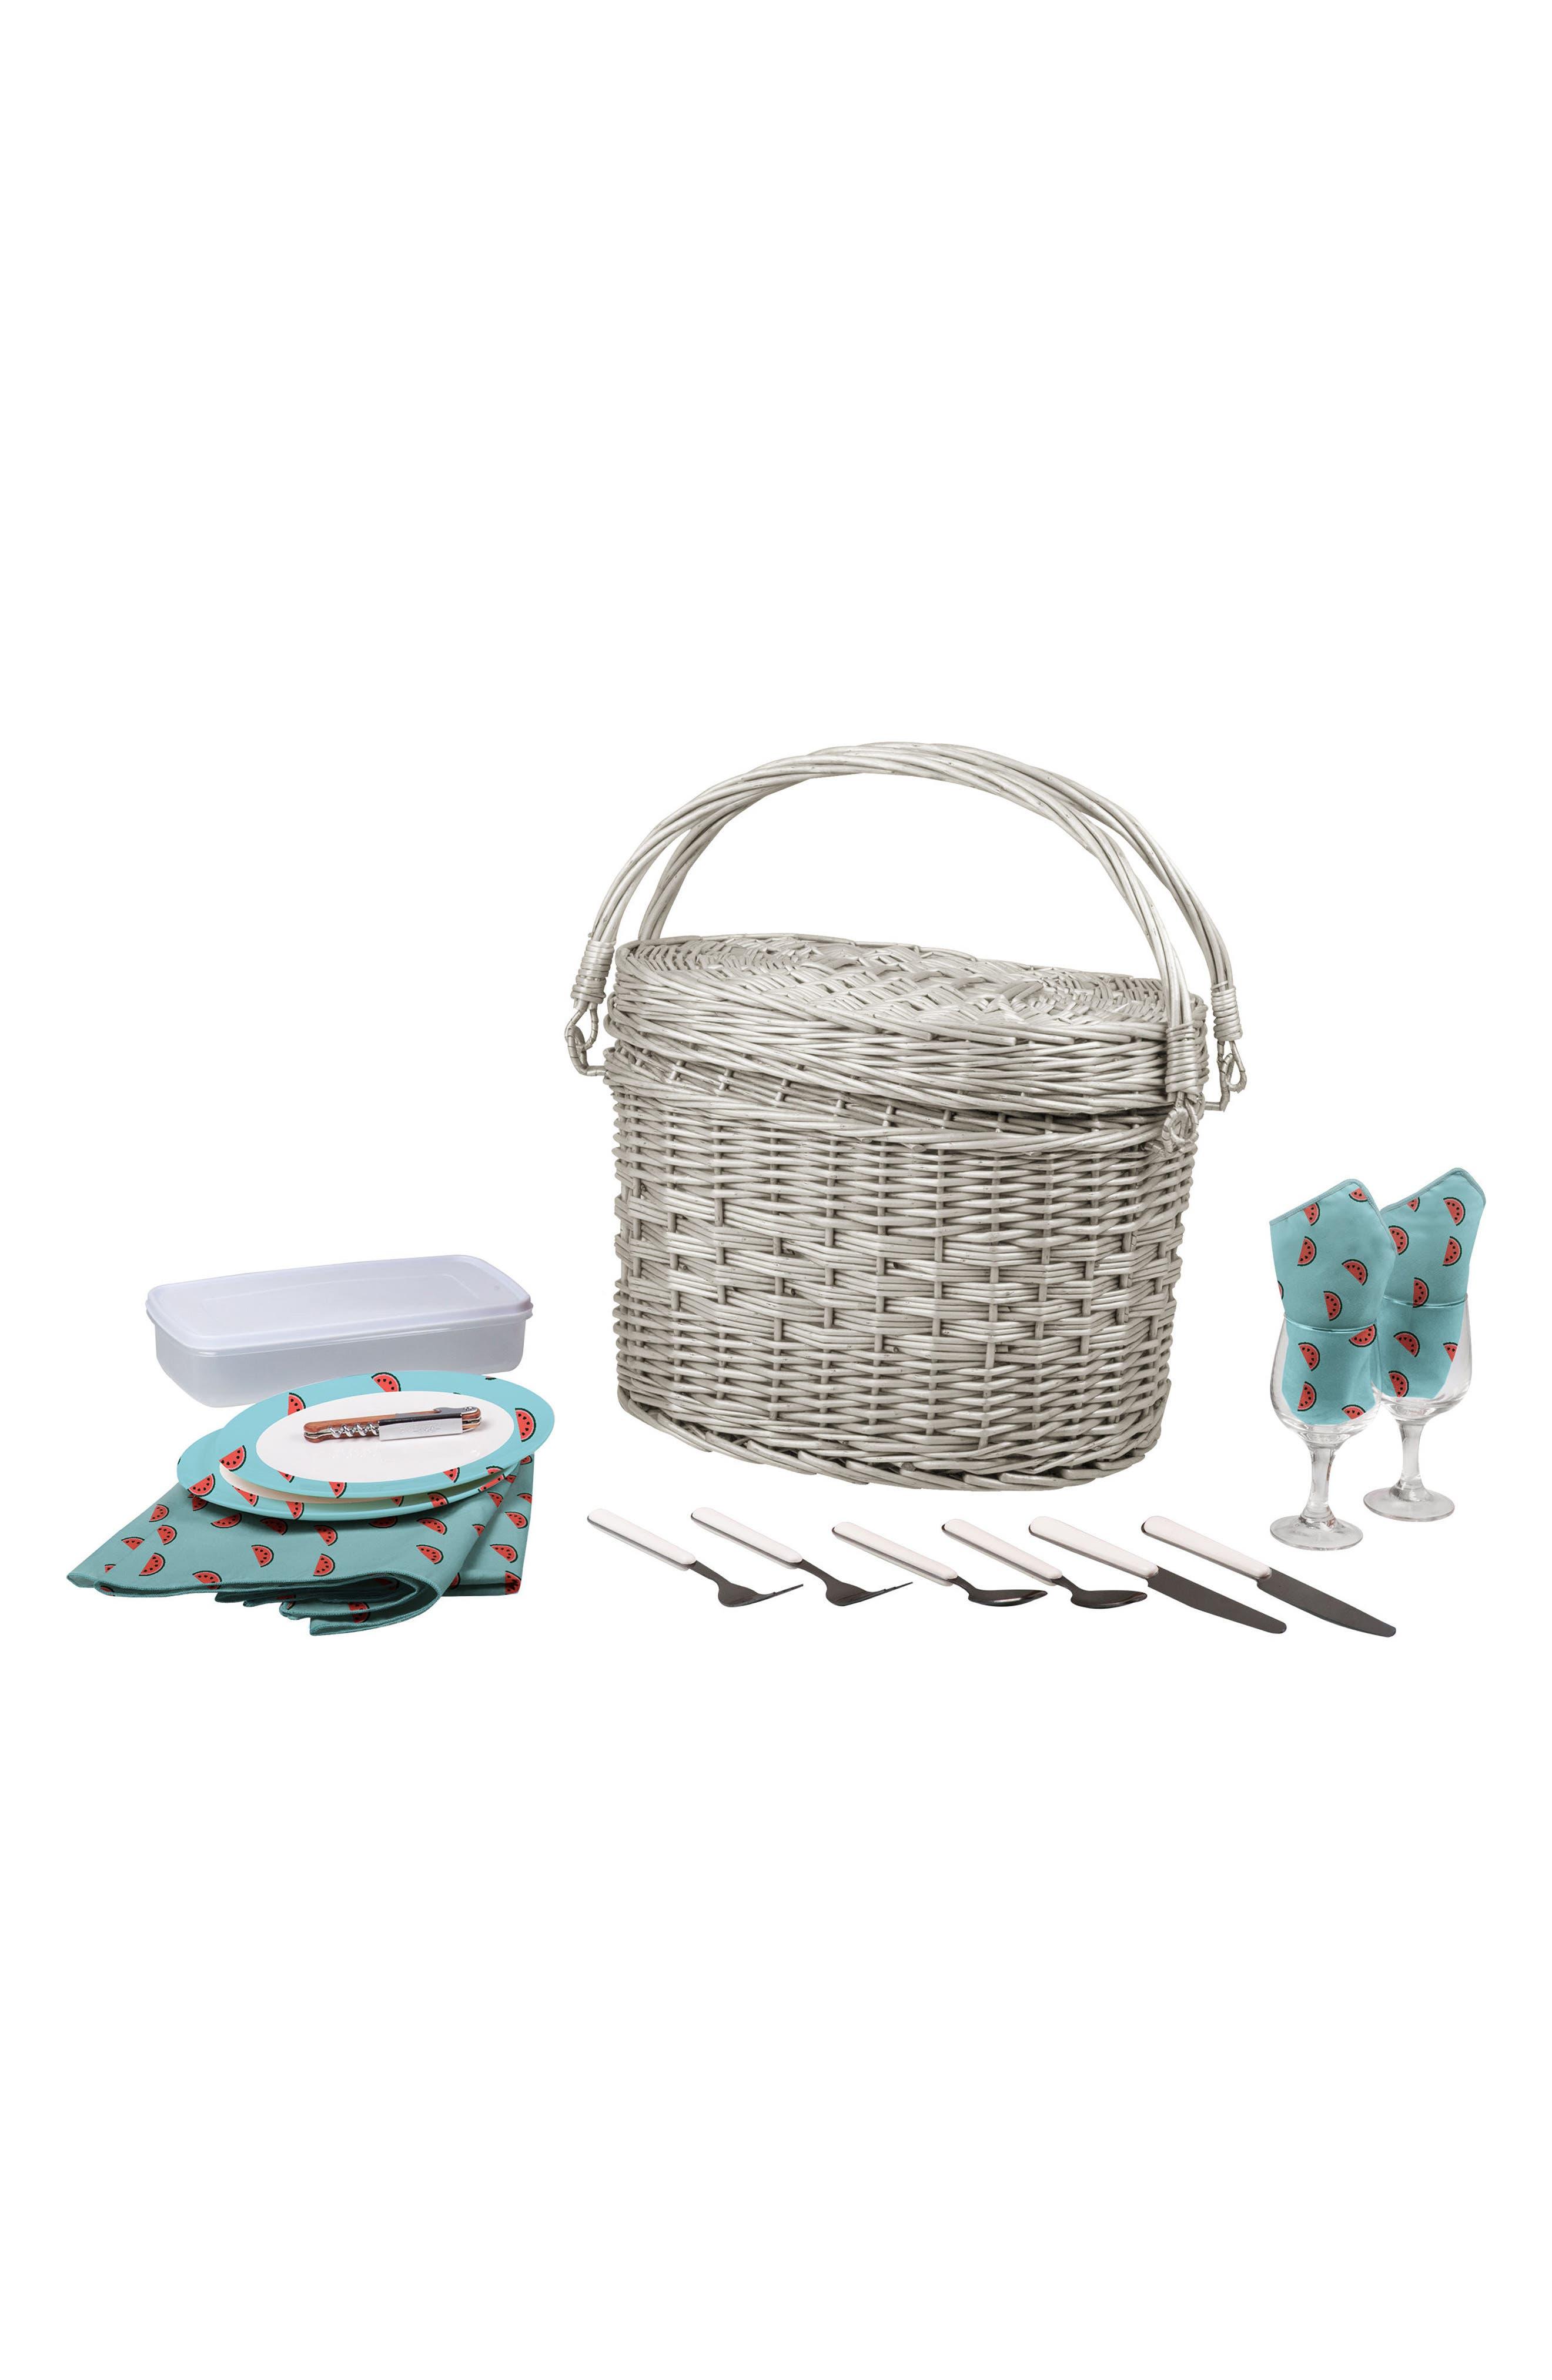 Romance Picnic Basket,                         Main,                         color, 400